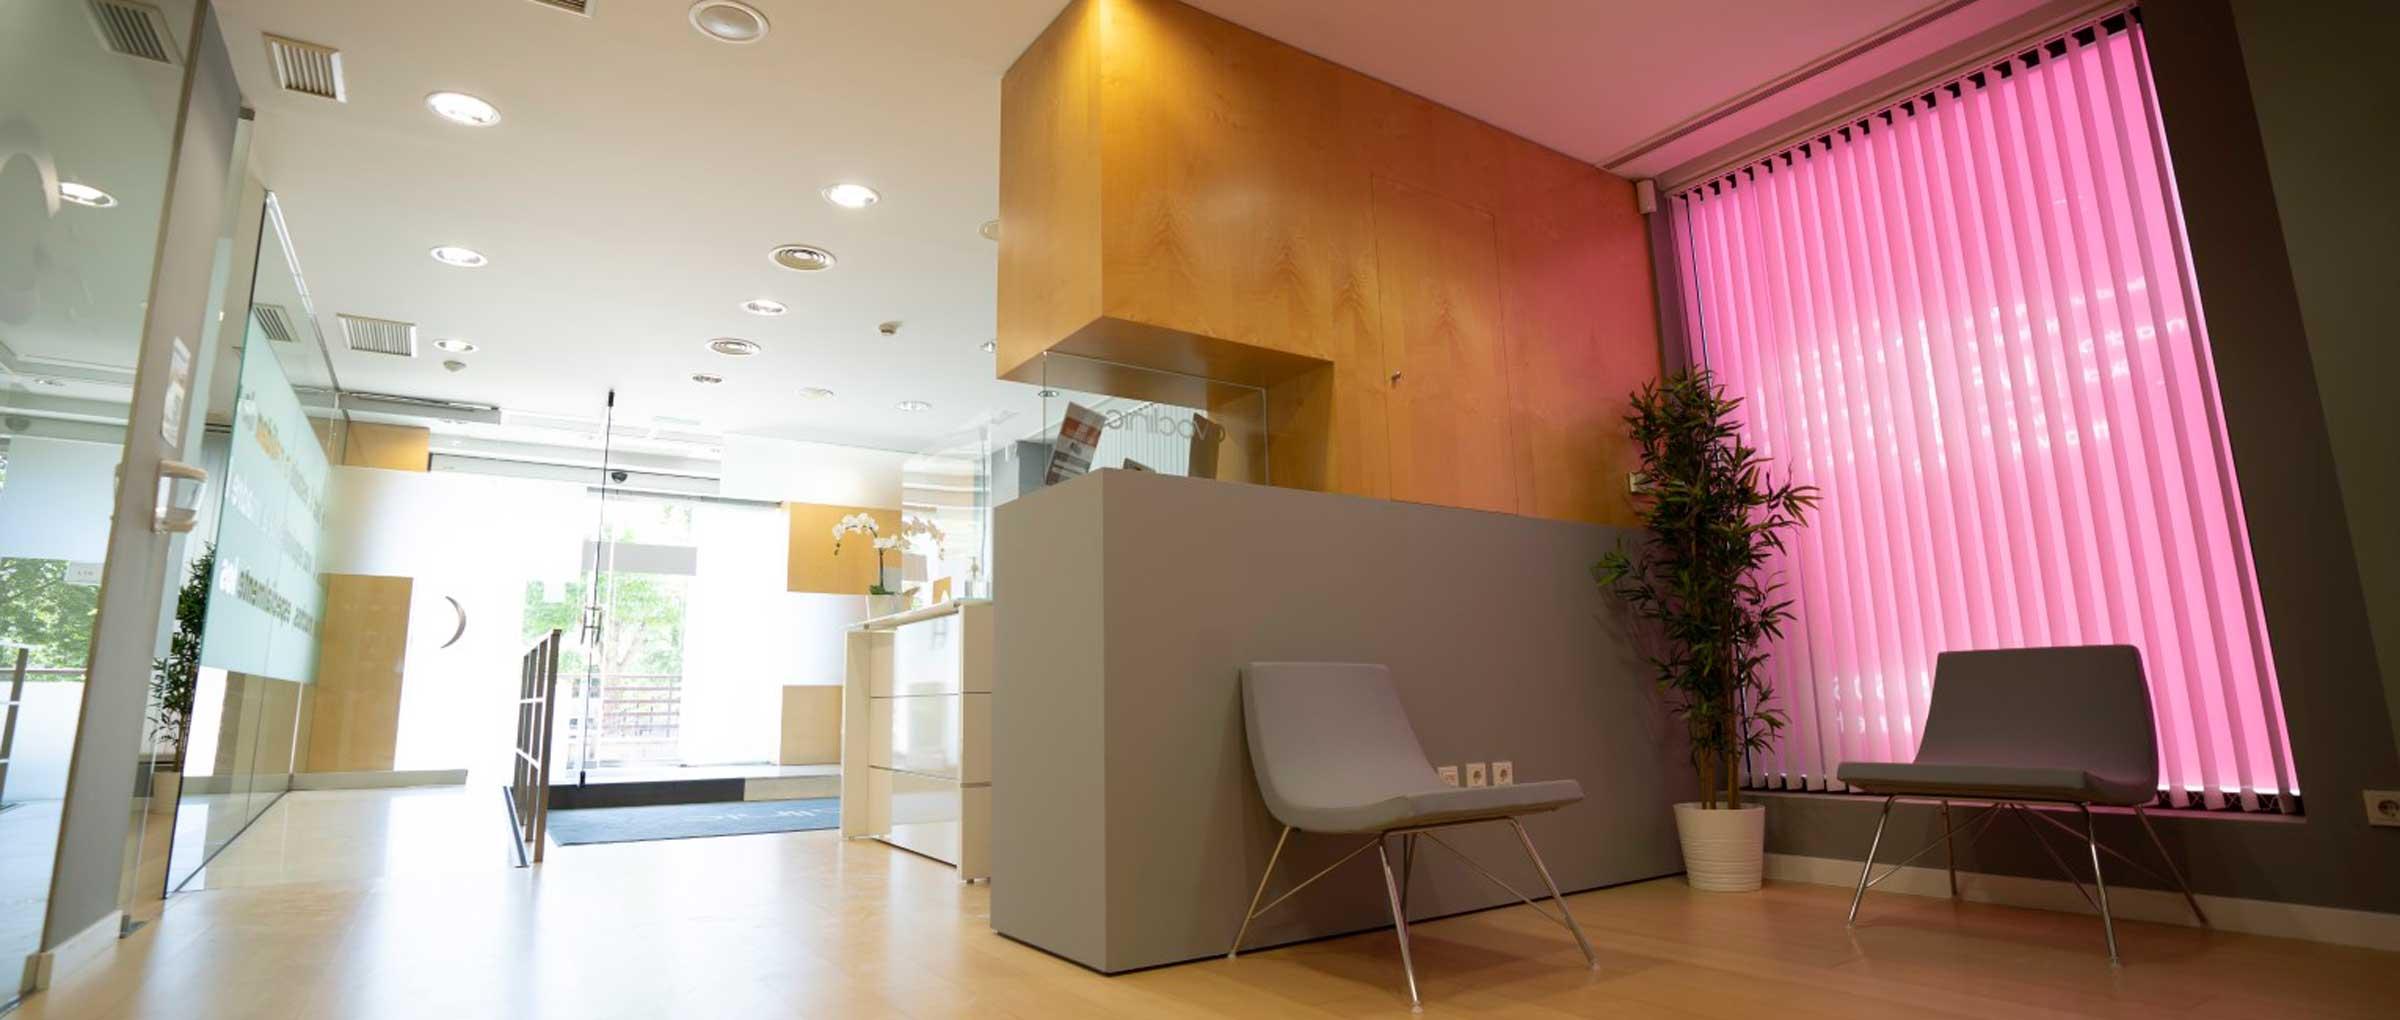 Zona de espera en pasillo para pacientes